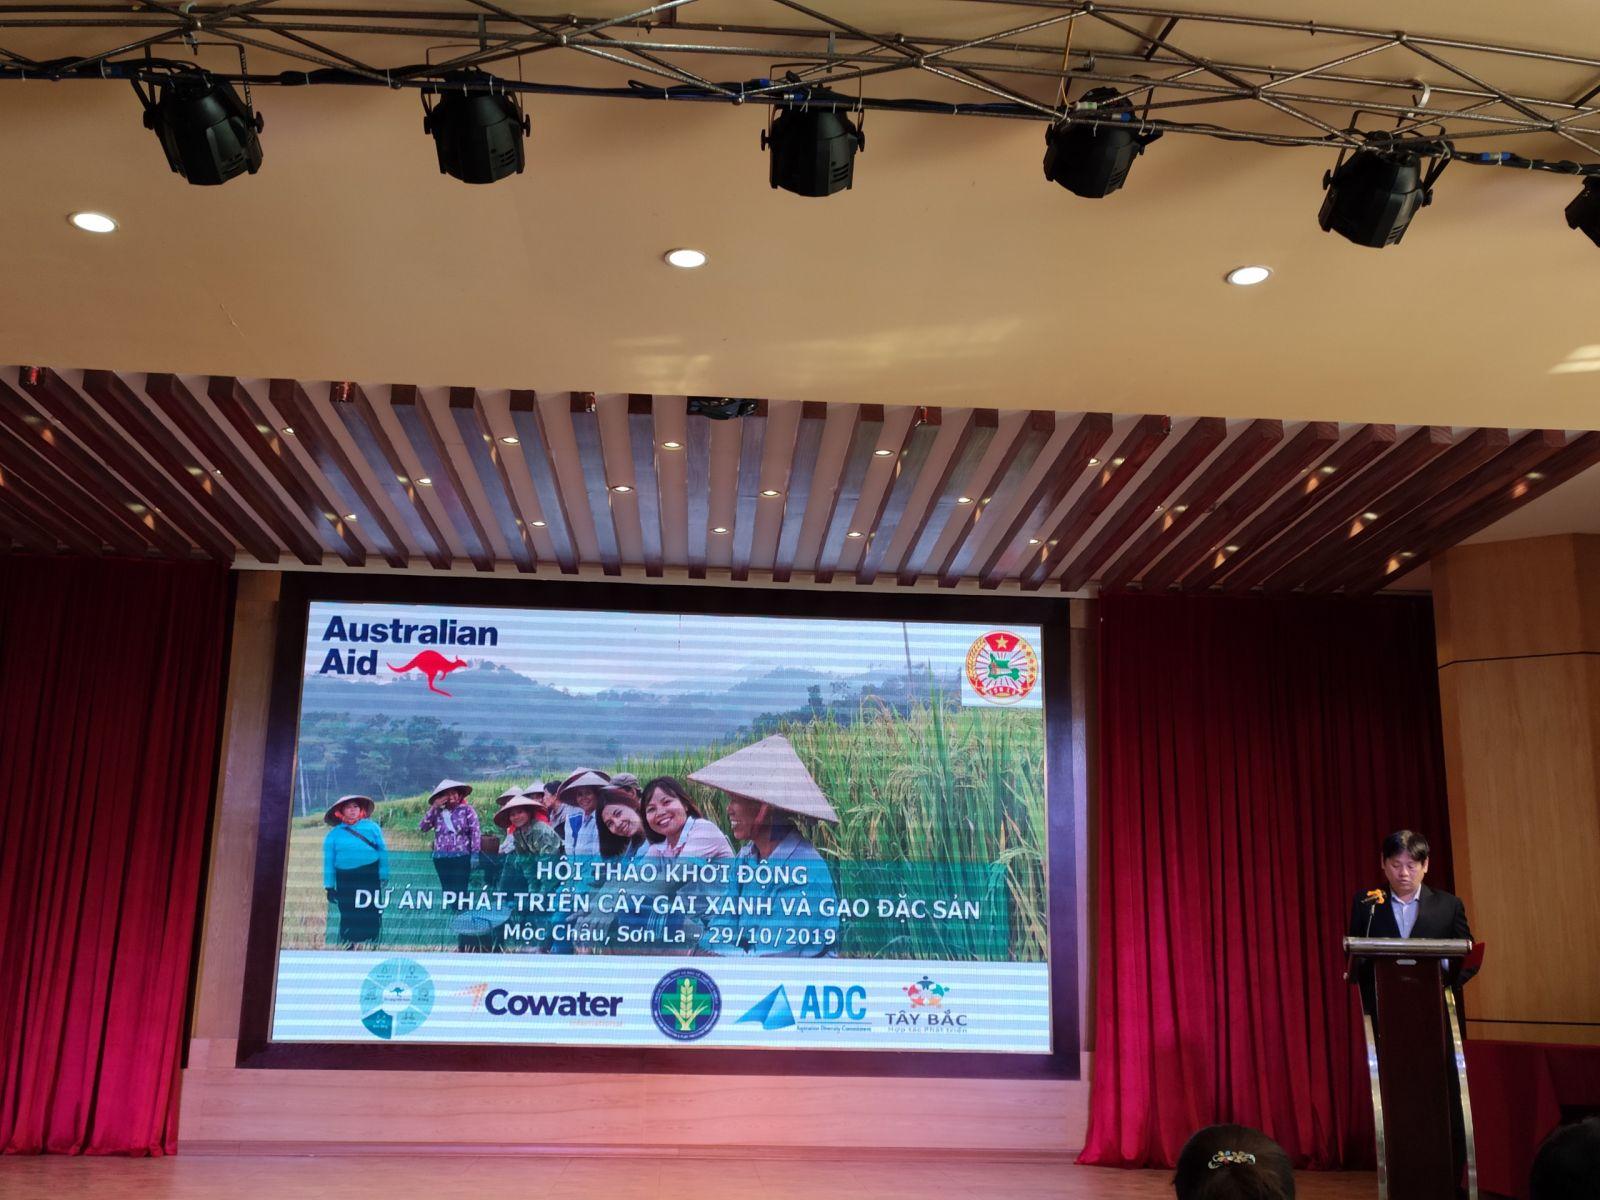 Ông Nguyễn Thanh Hải, đại điện Sở Kế hoạch và Đầu tư tỉnh Sơn La phát biếu khai mạc hội thảo